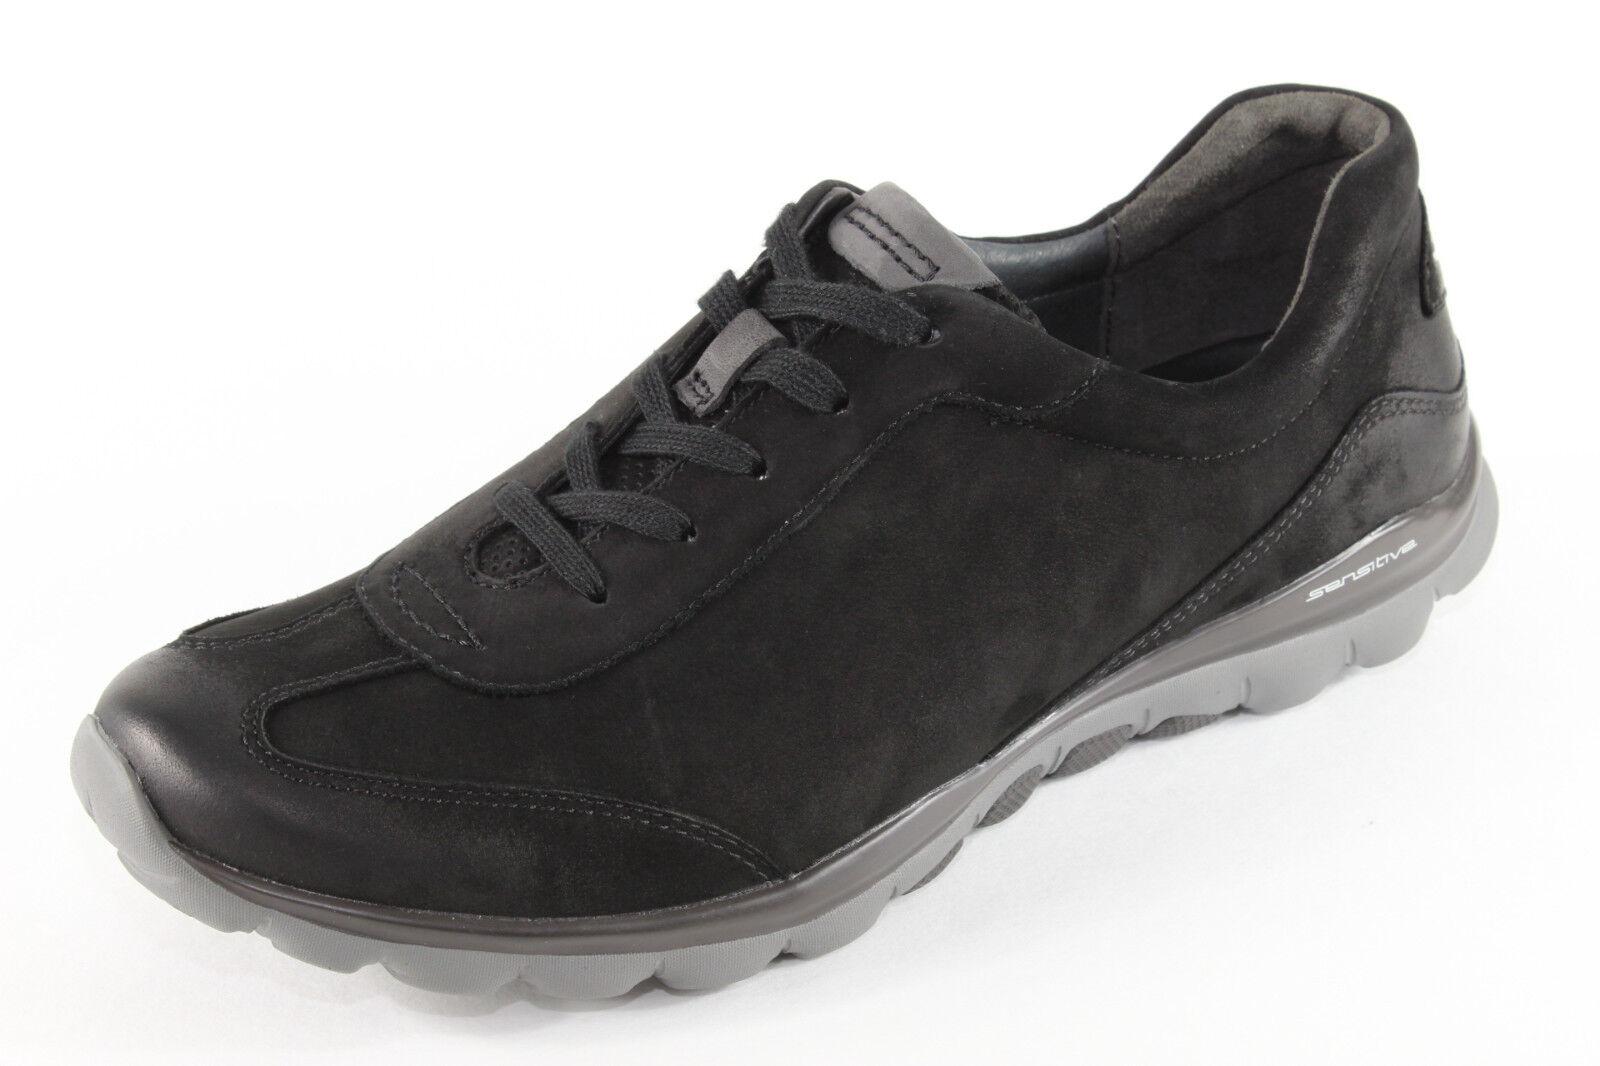 Rollingsoft 965.47, Wellnesschuhe aus aus aus schwarzem Nubuk, Damenschuhe Übergröße bc8e8c